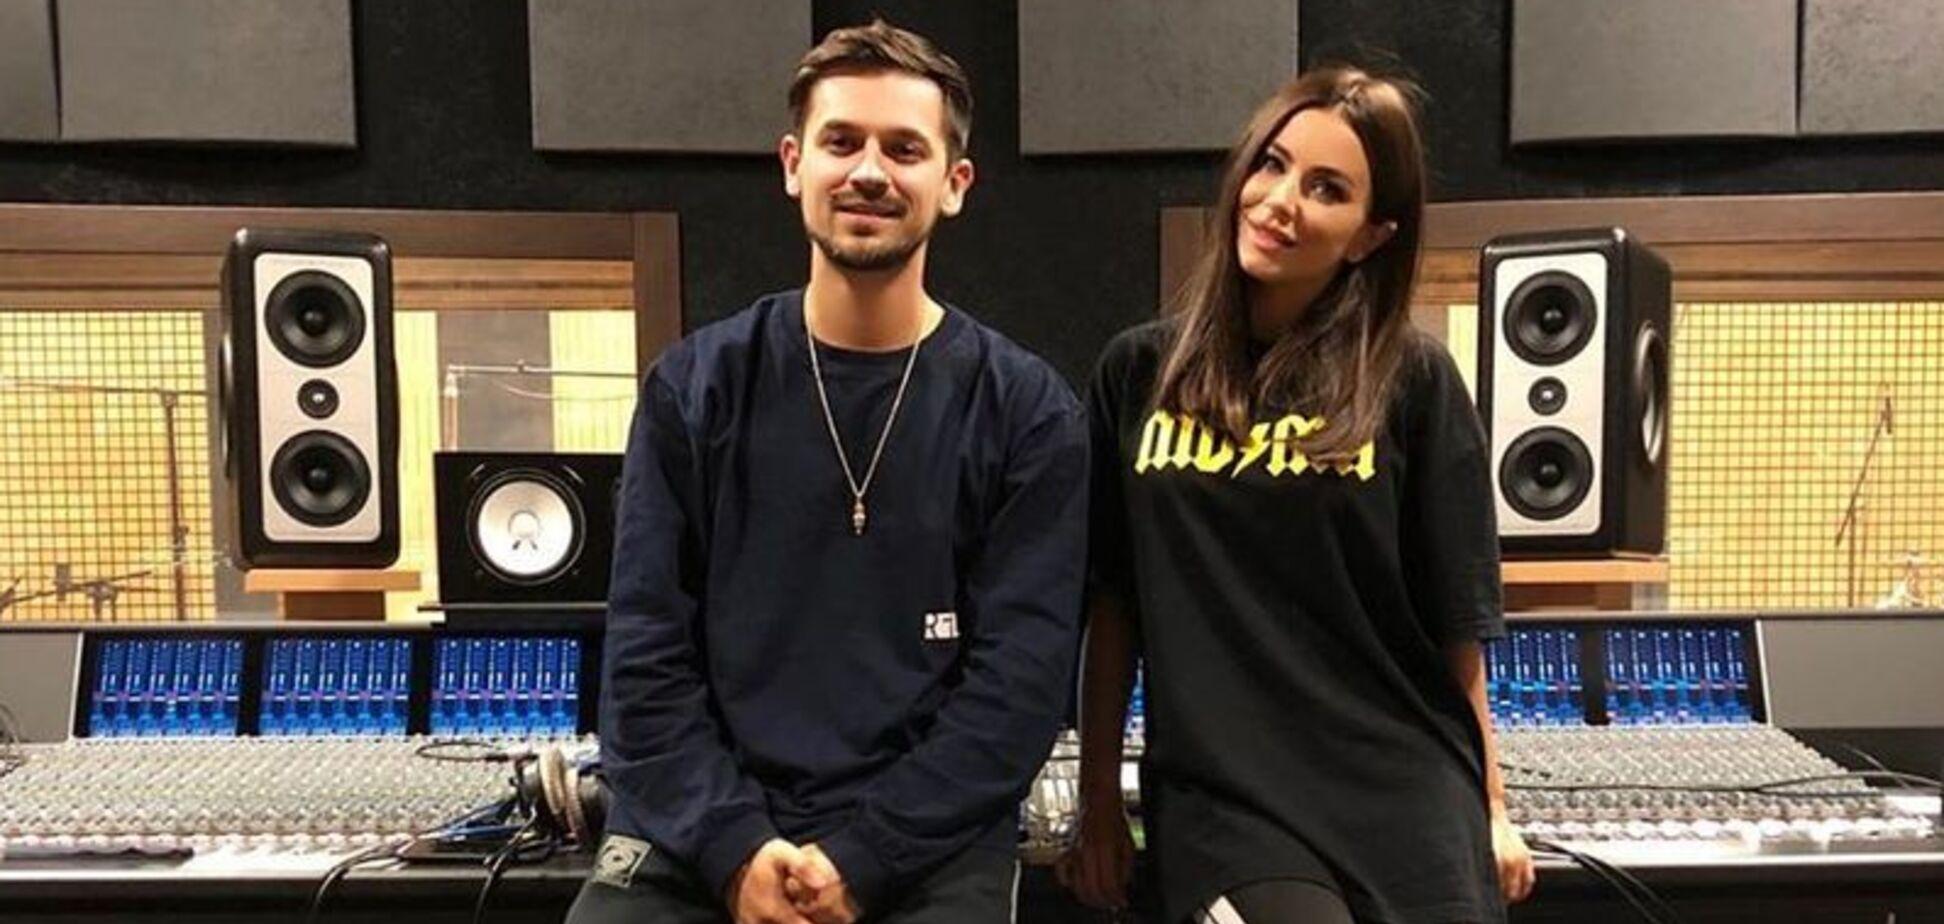 'Дешева попса': у мережі рознесли новий трек Лорак із братом Таяни